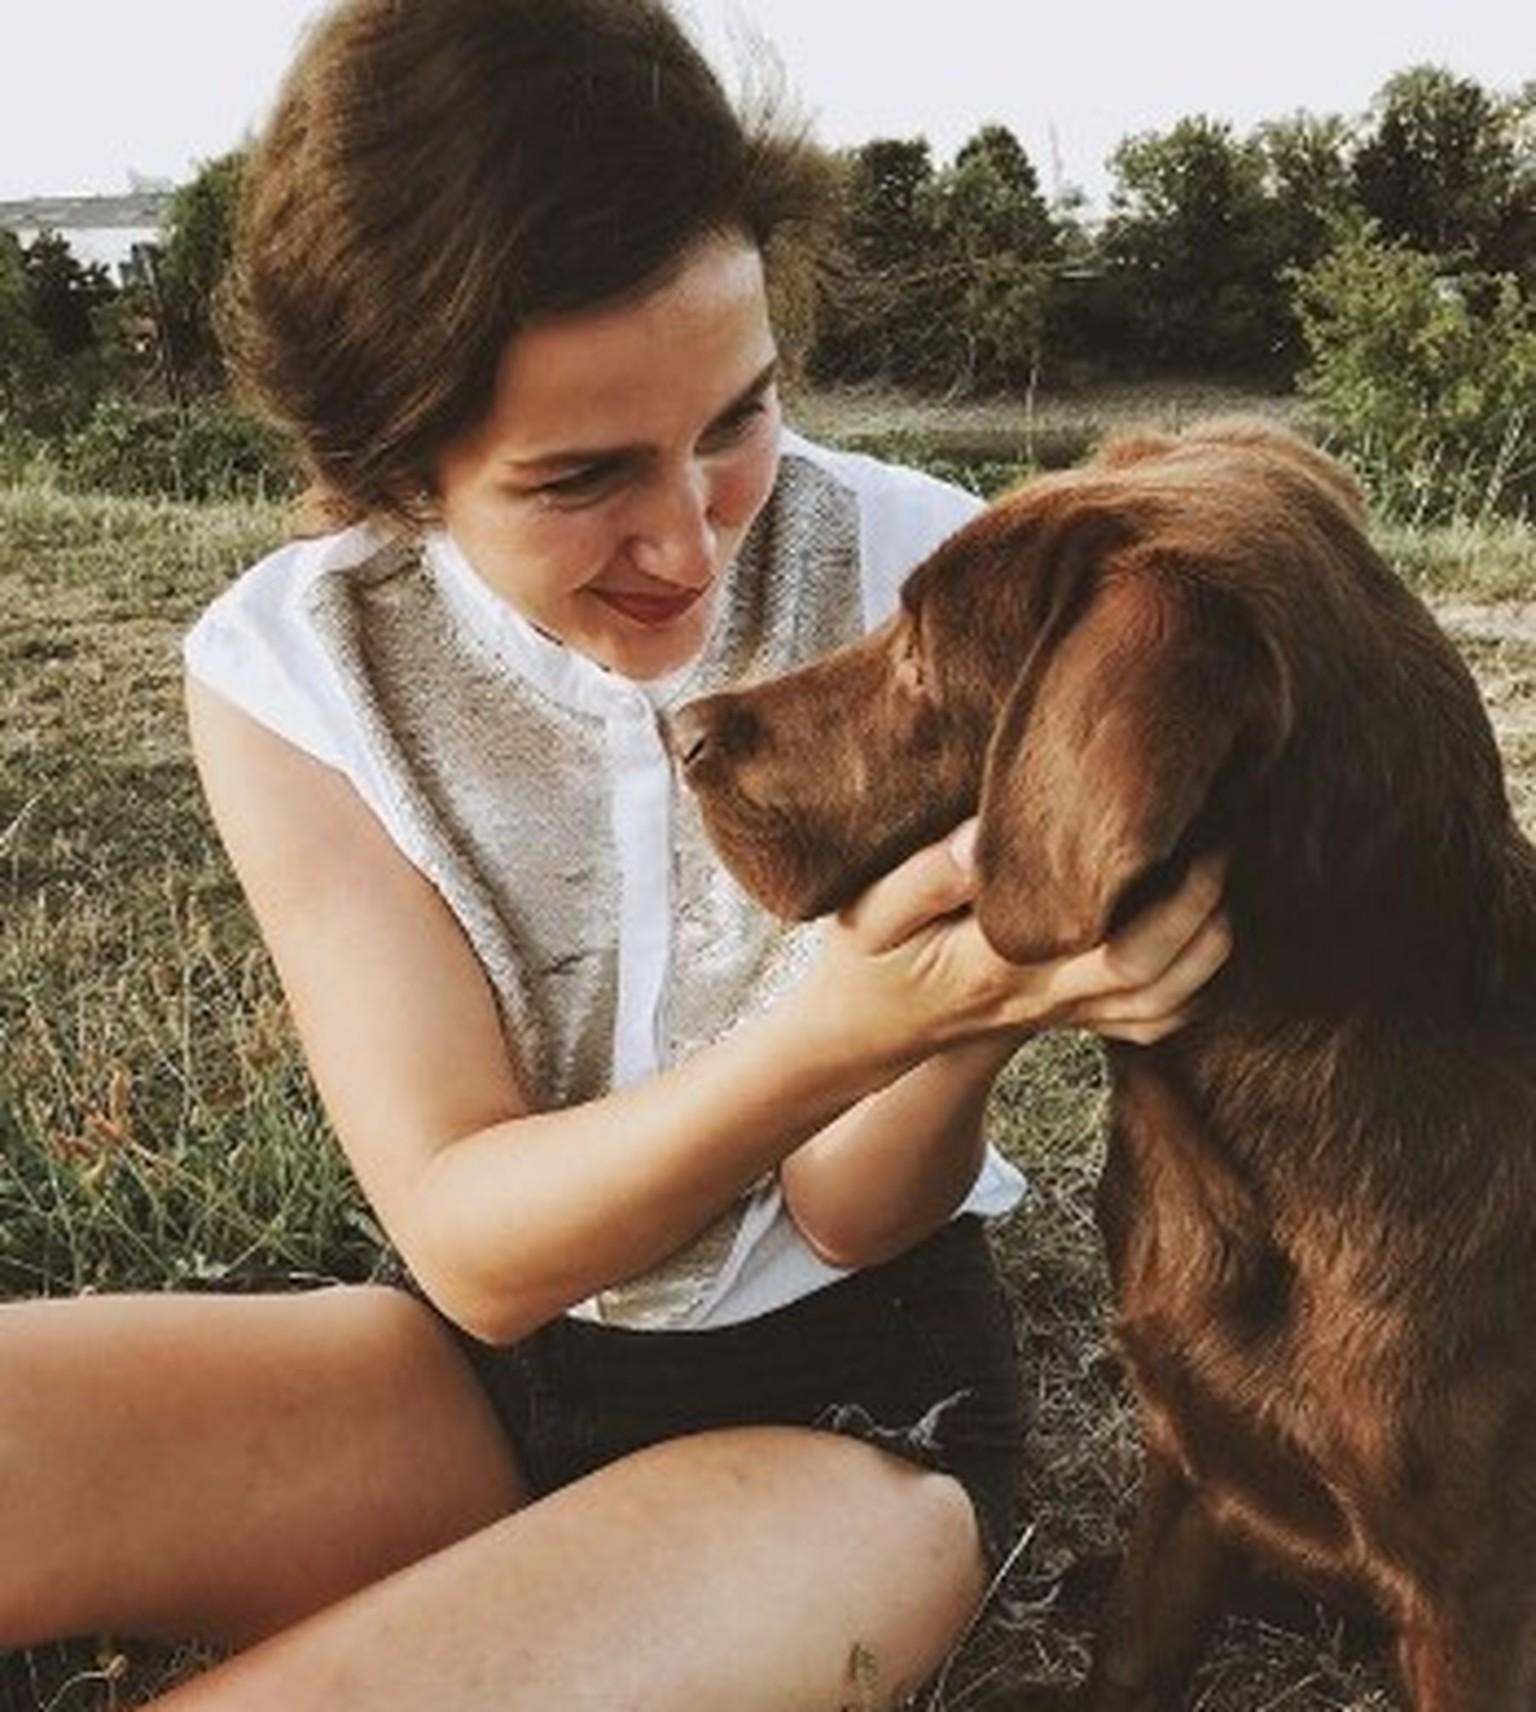 Und liebe machen hund frau AUS LIEBE